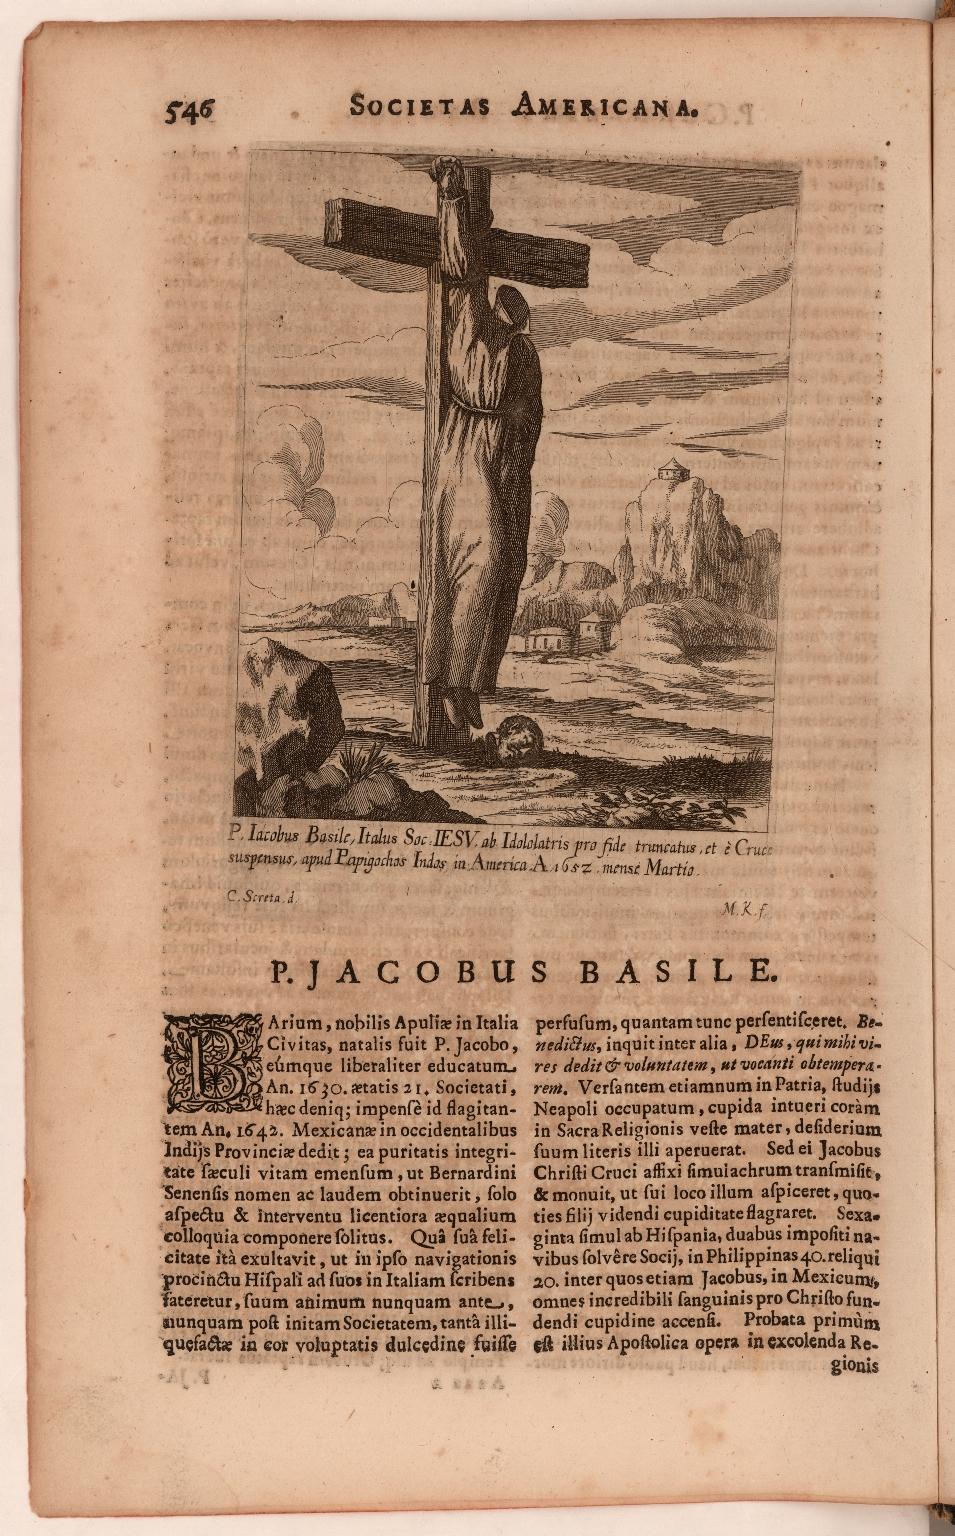 P. Iacobus Basile, Italus Soc. Iesu ab isololartris pro fide truncatus, et è Cruce suspensus, apud Papigochos Indas in America A 1652 mense Martio